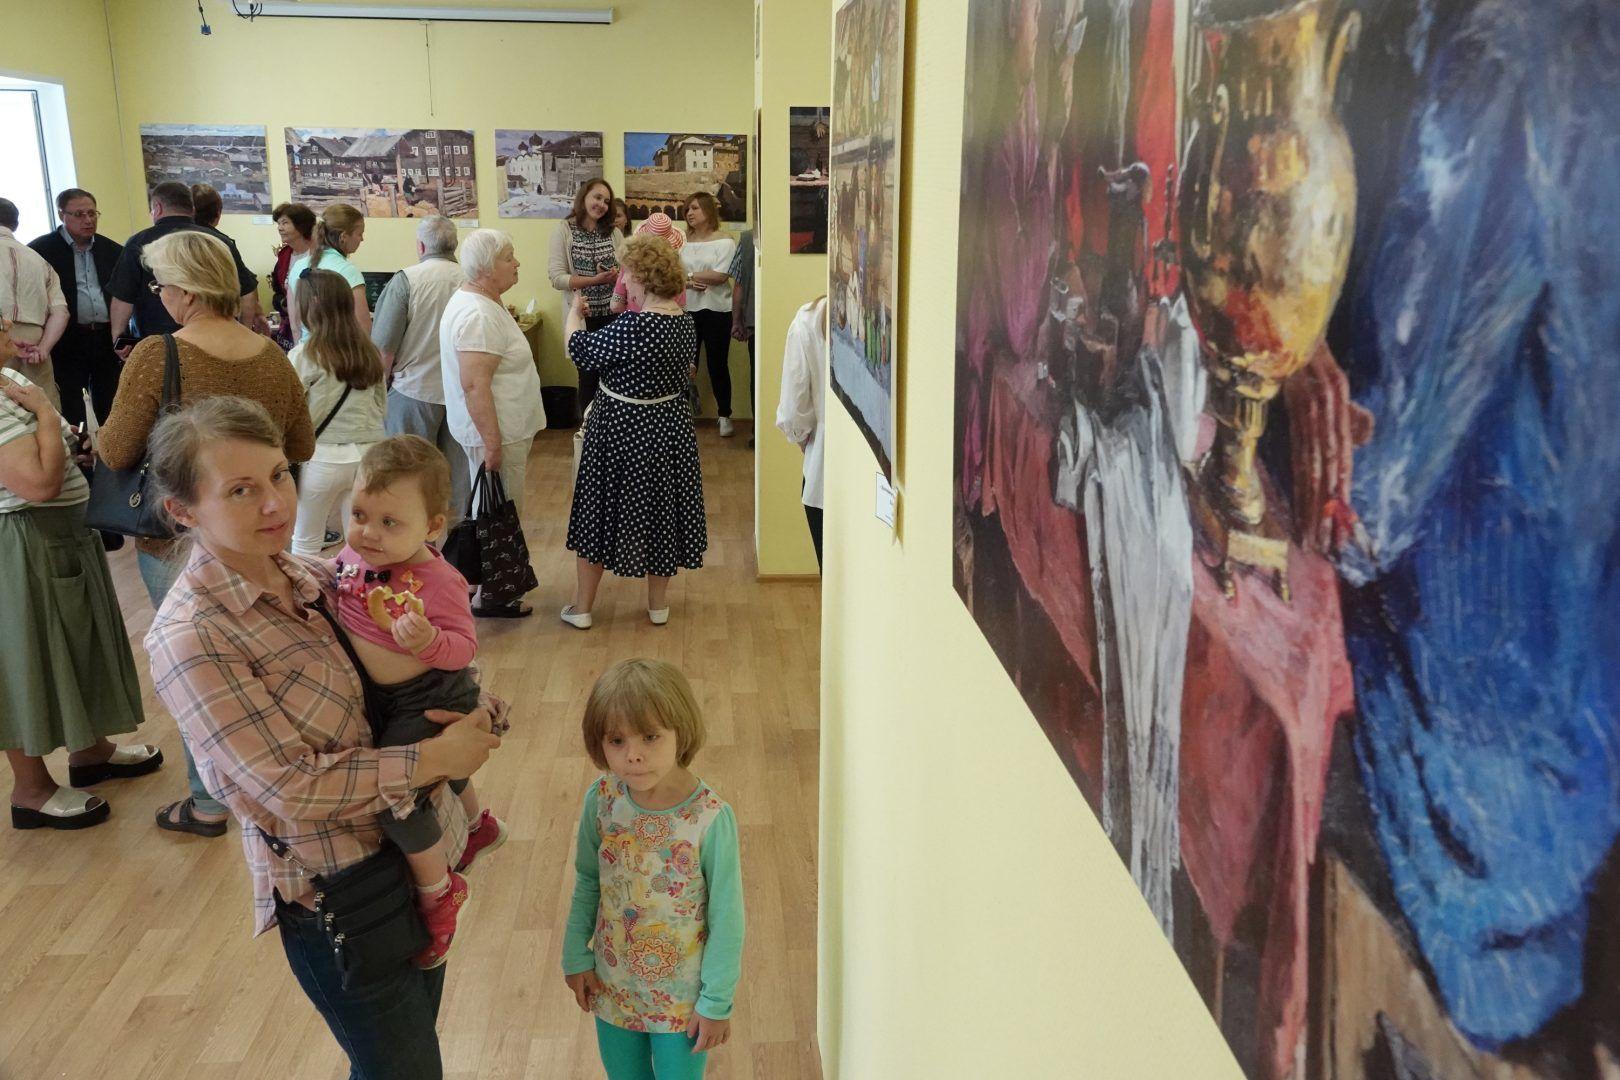 2 июля 2019 года. Кокошкино. В поселении организовали выставку работ художника Владимира Стожарова. Фото: Виктор Хабаров